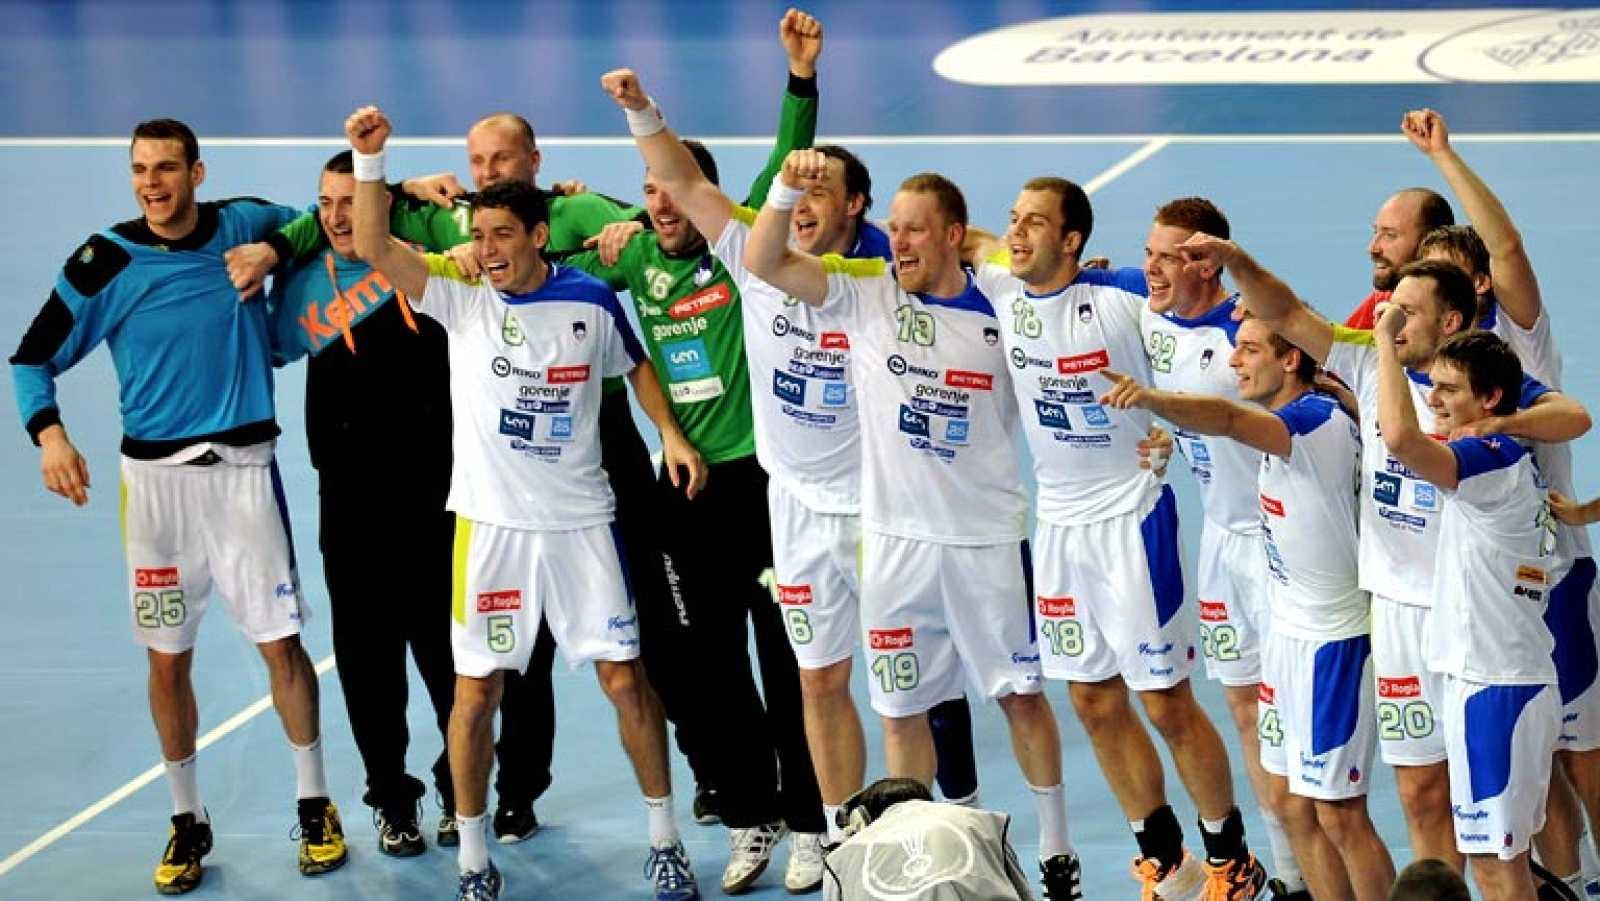 Mundial de Balonmano 2013 - 1/4 de final: Eslovenia 28-27 Rusia ...